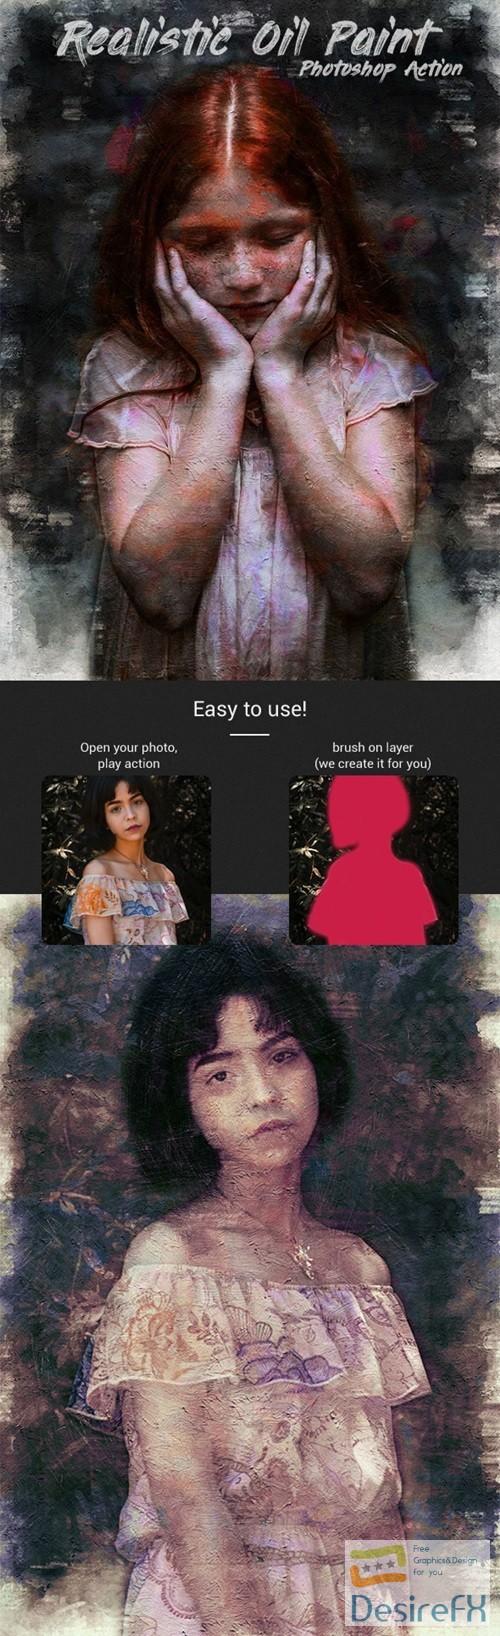 Realistic Oil Paint Photoshop Action 22414905